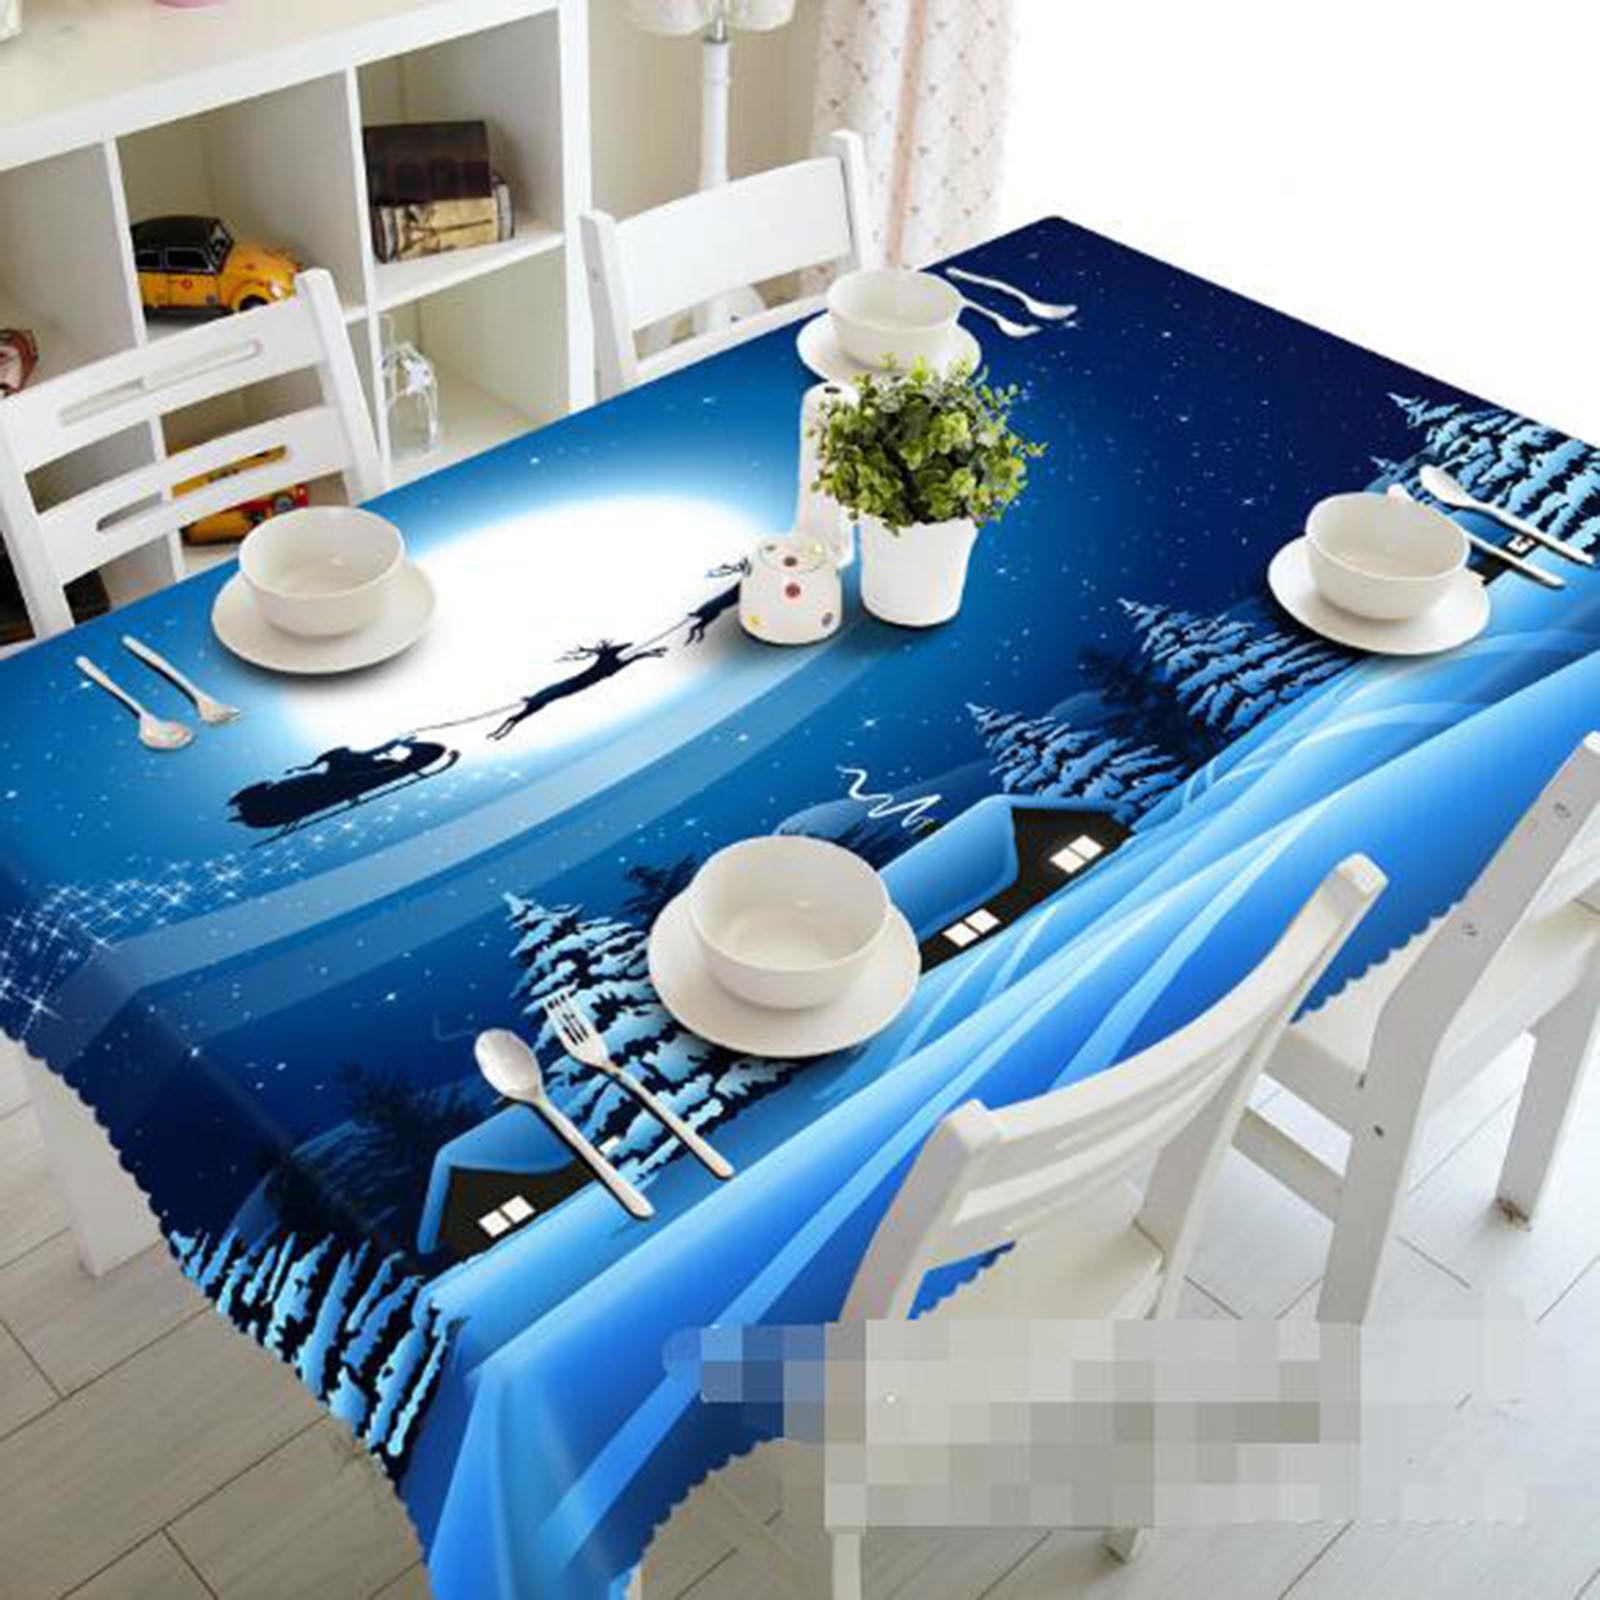 3D Lune Ciel 54 Nappe Table Cover Cloth fête d'anniversaire AJ papier peint Royaume-Uni Citron